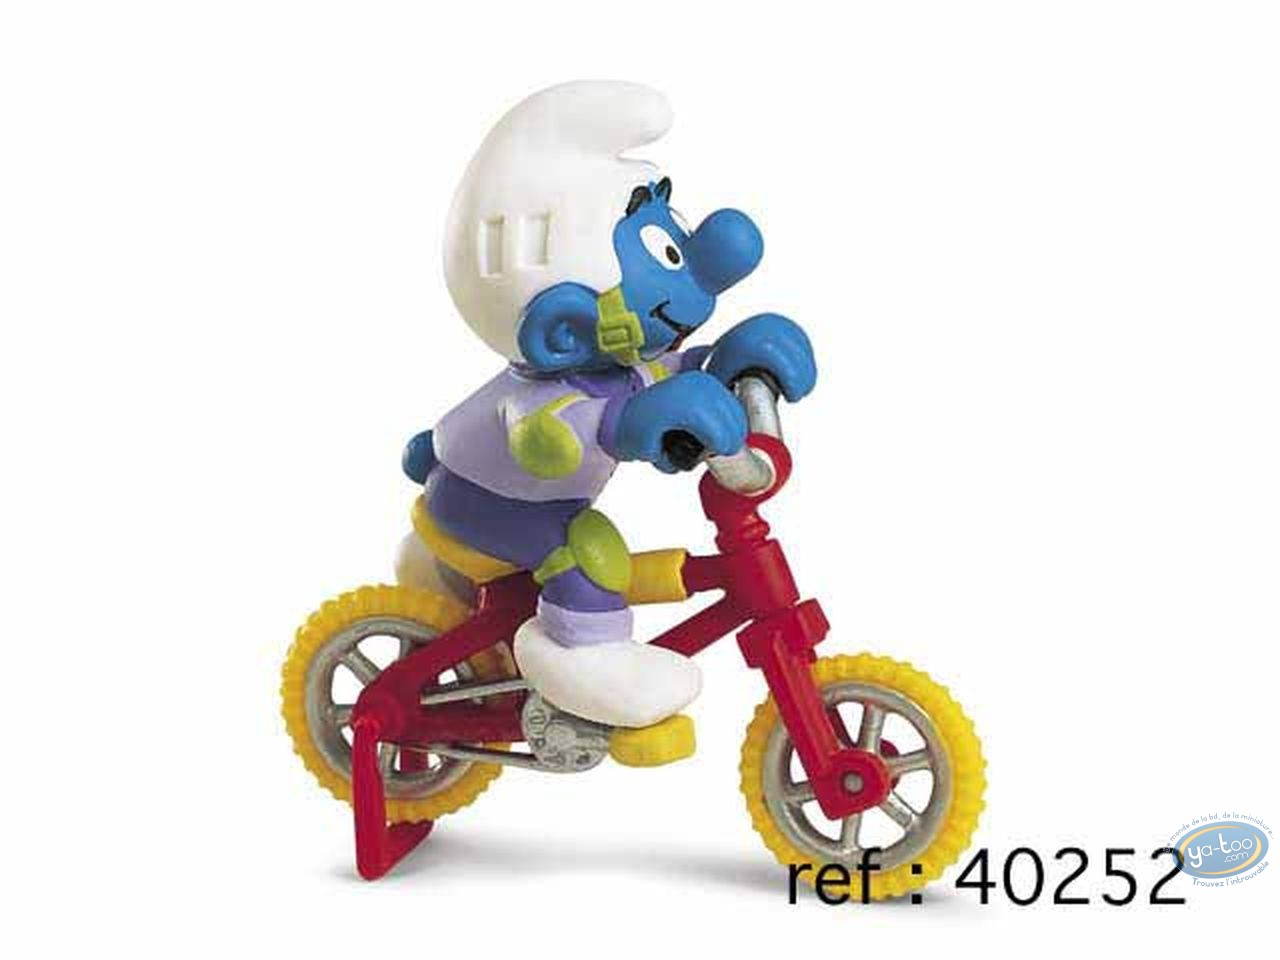 Figurine plastique, Schtroumpfs (Les) : Schtroumpf à vélo acrobatique